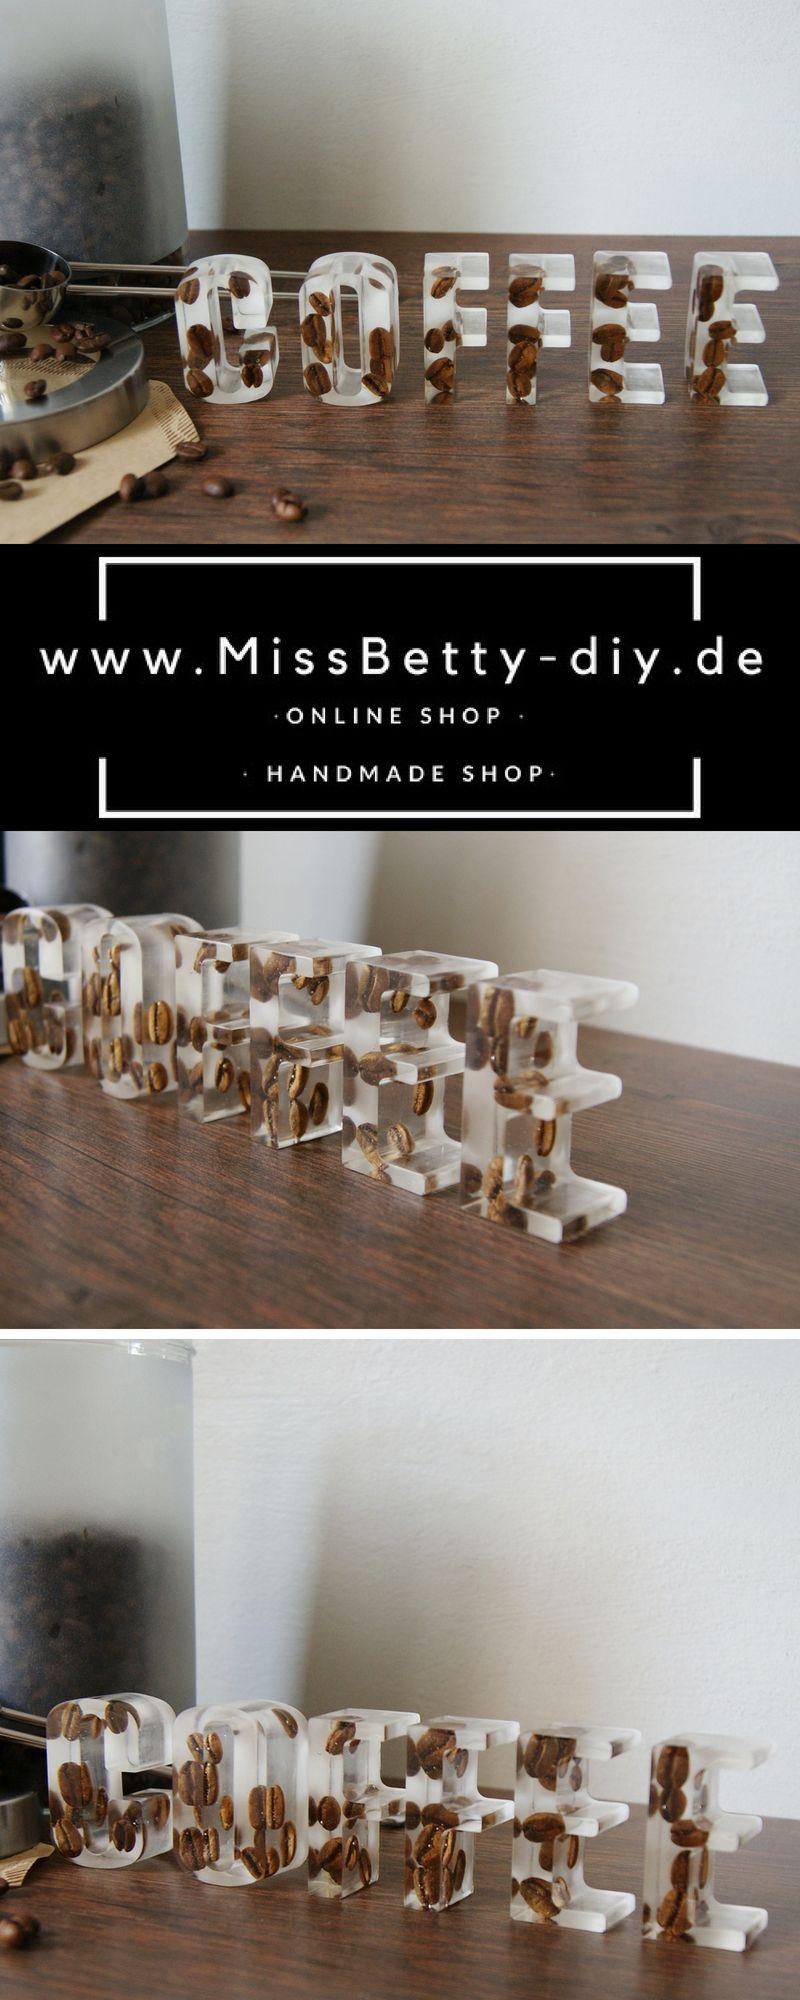 Shop the Look - Deko Schriftzug für die Küche aus Gießharz ...